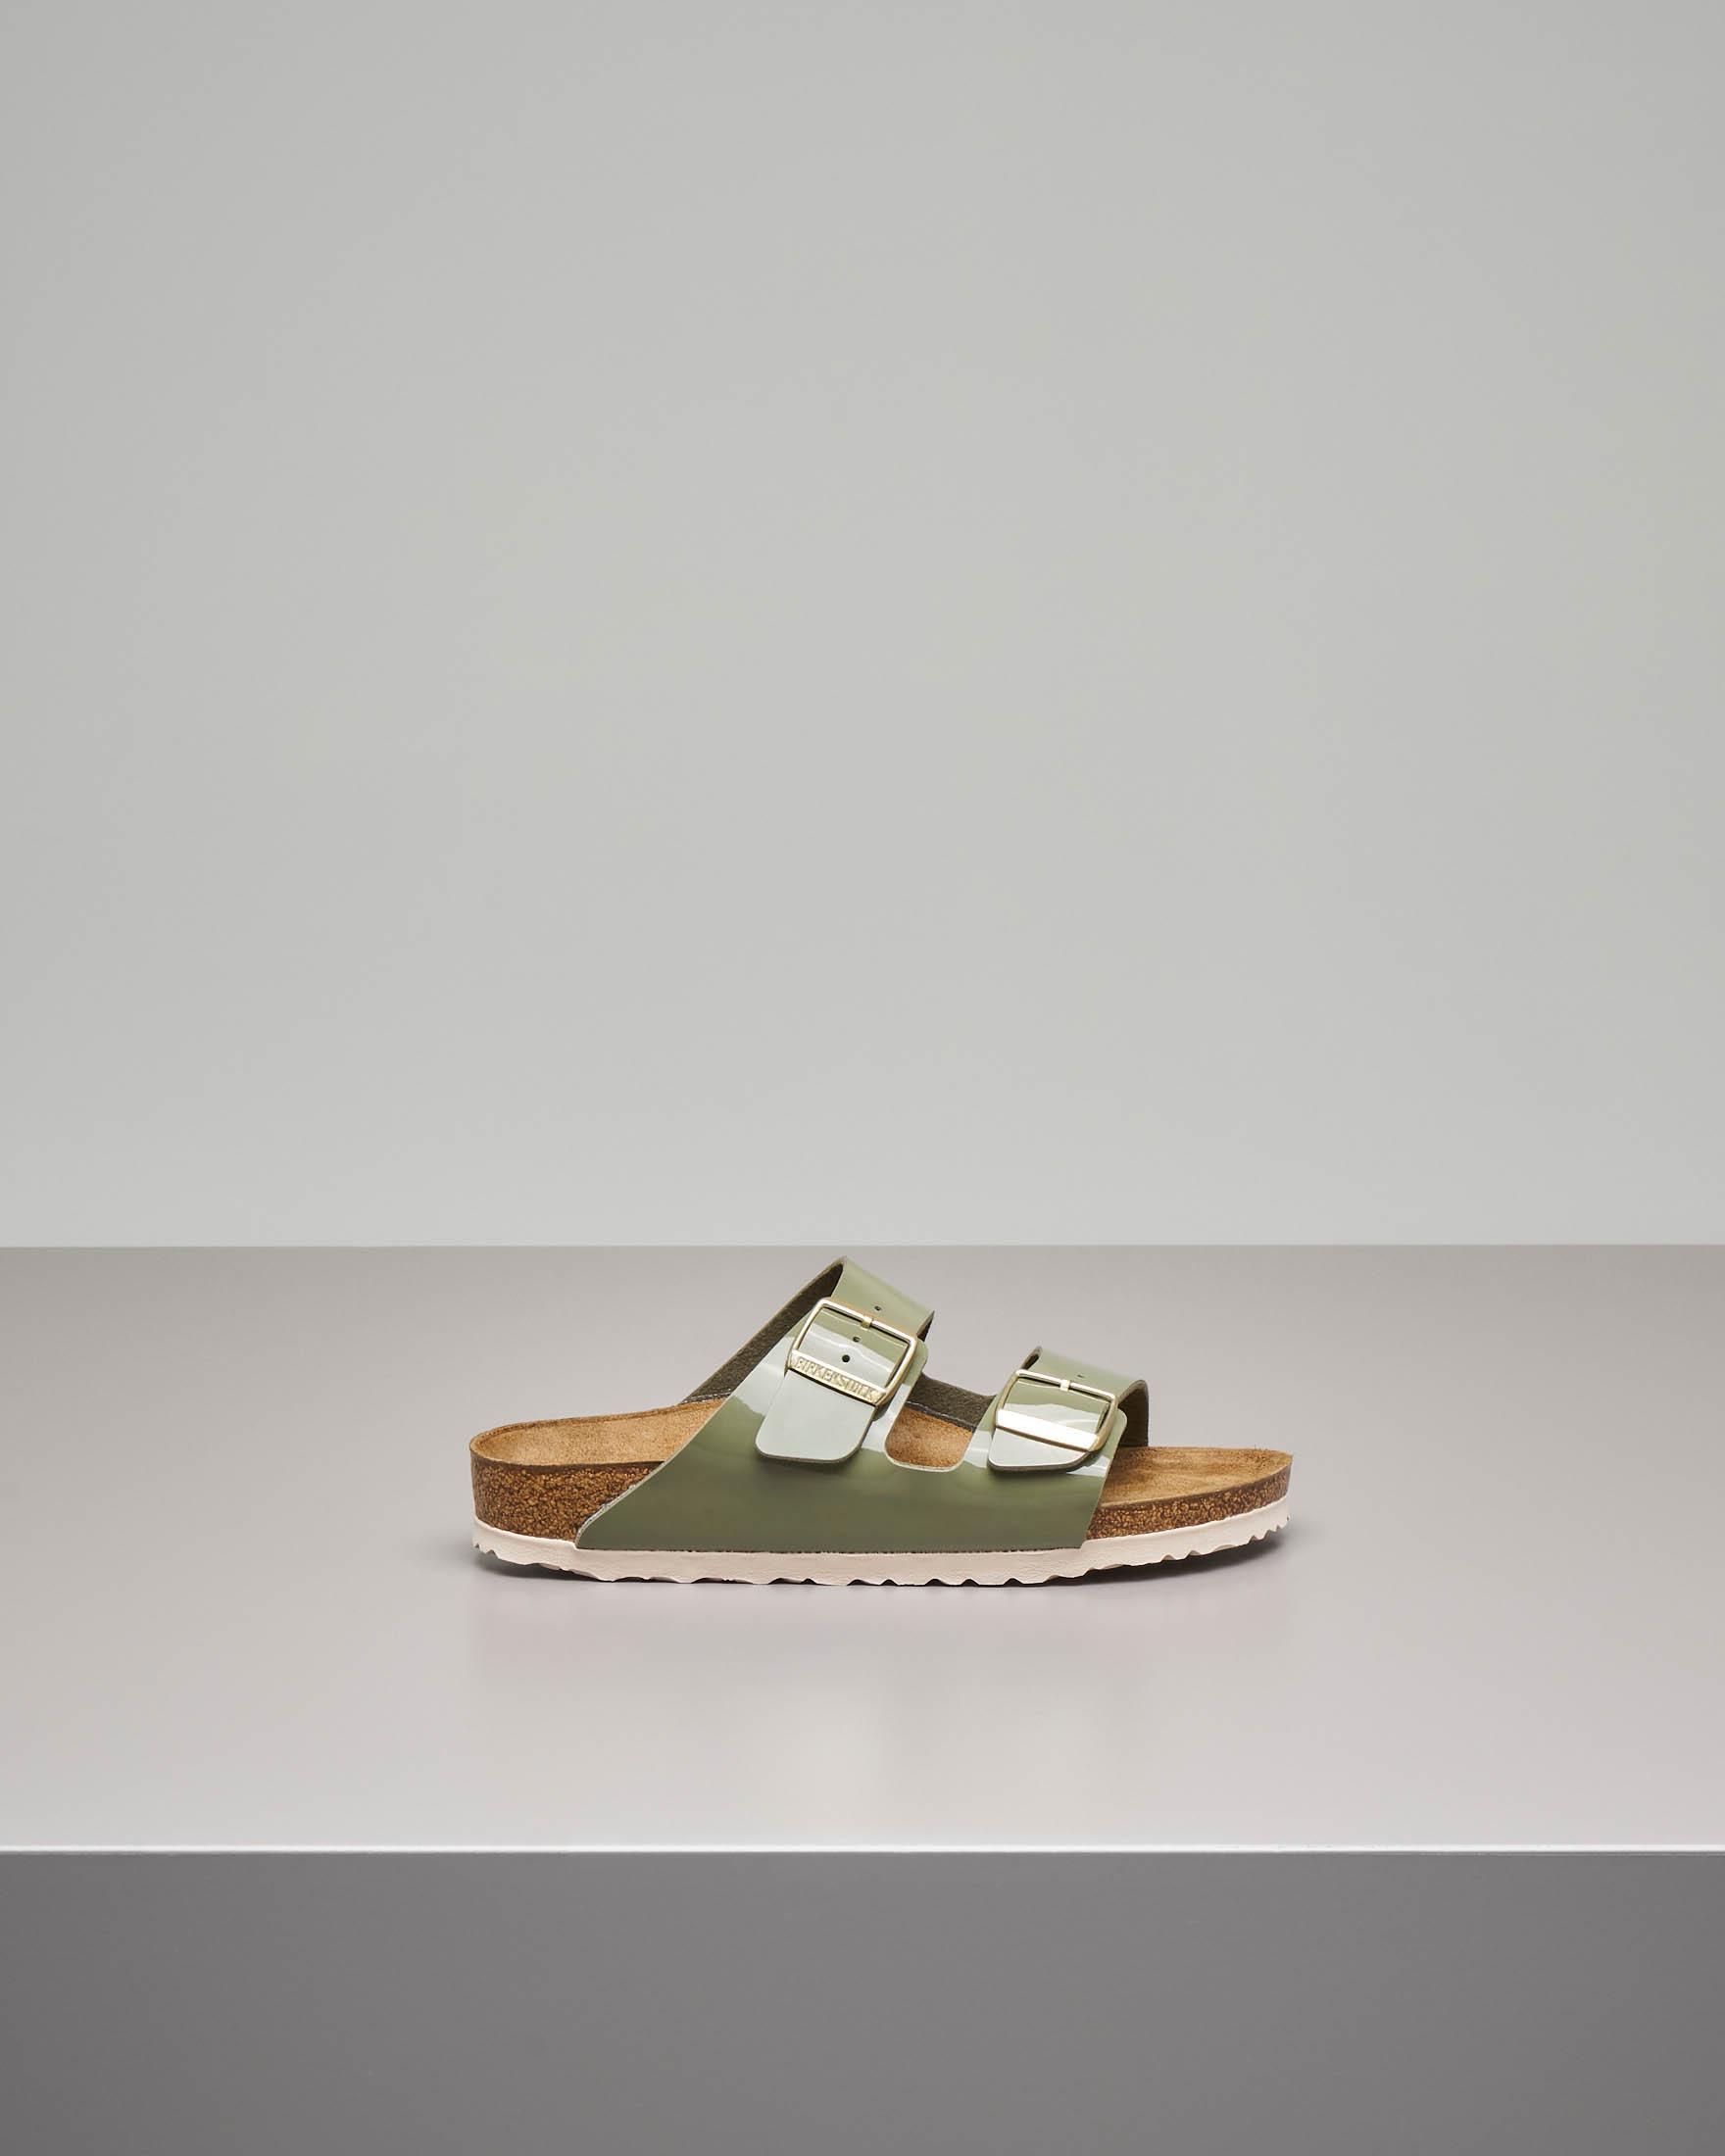 Sandalo Arizona in Birko flor effetto lucido color verde militare con doppia fascetta